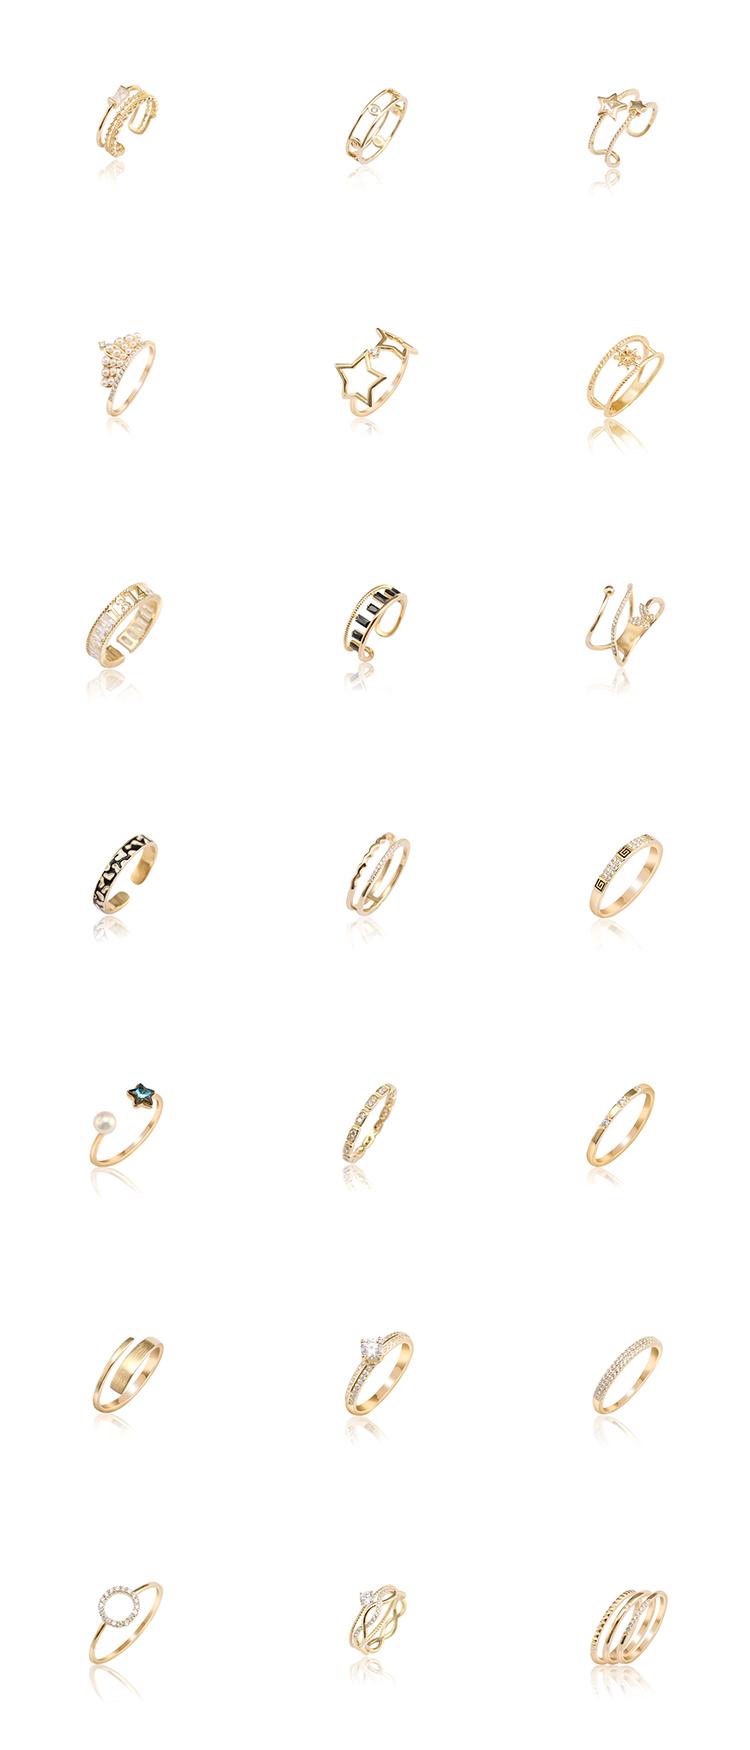 Natuurlijke Edelsteen Sterling 925 Zilver Goud Gemstone Paar Bruiloft Sieraden Vrouwen Ringen